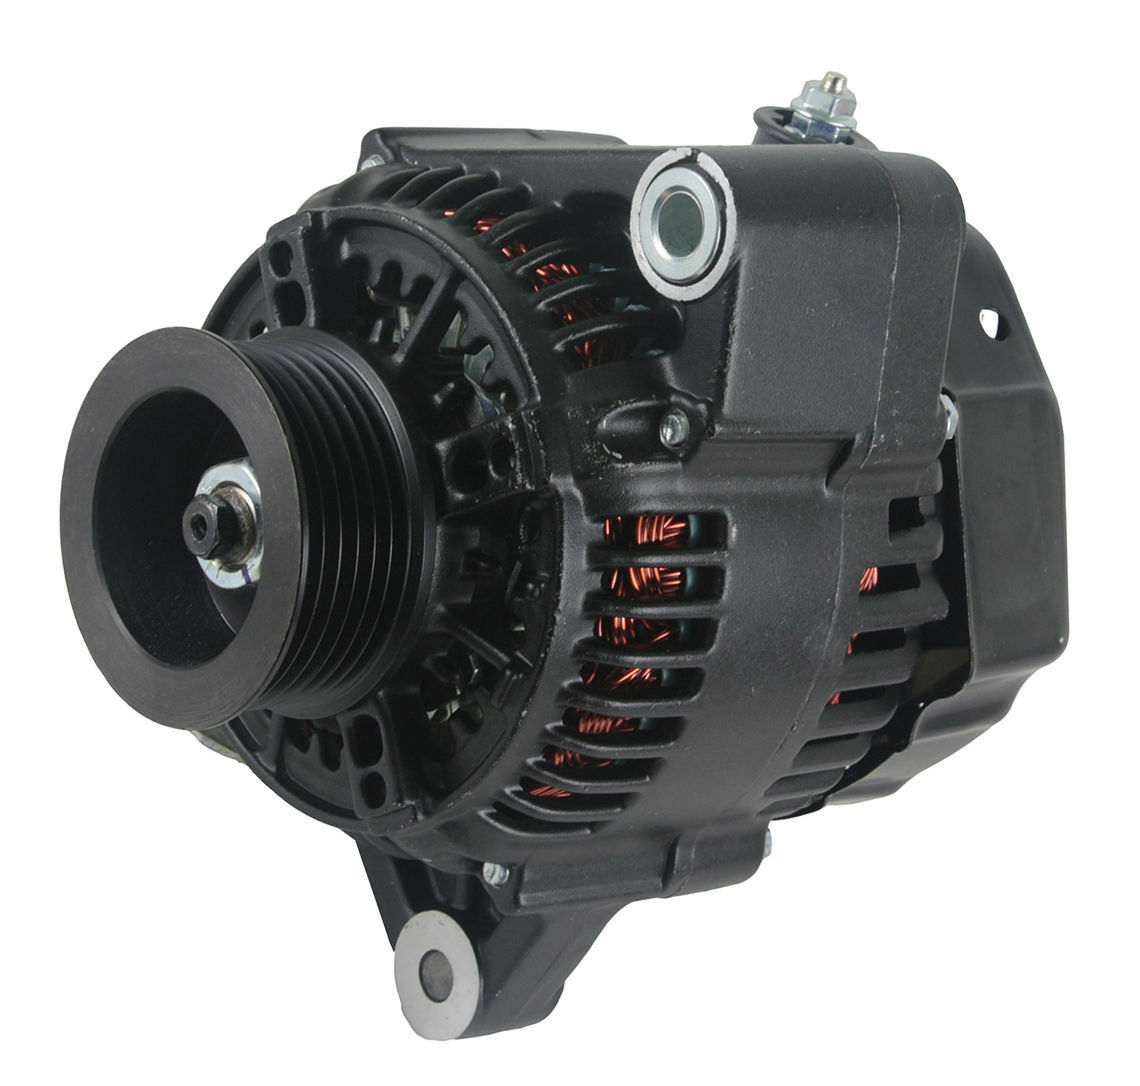 Alternator Honda Marine 200 225 BF200 BF200 BF200 BF225 Außenborder 2002-2010 38b092